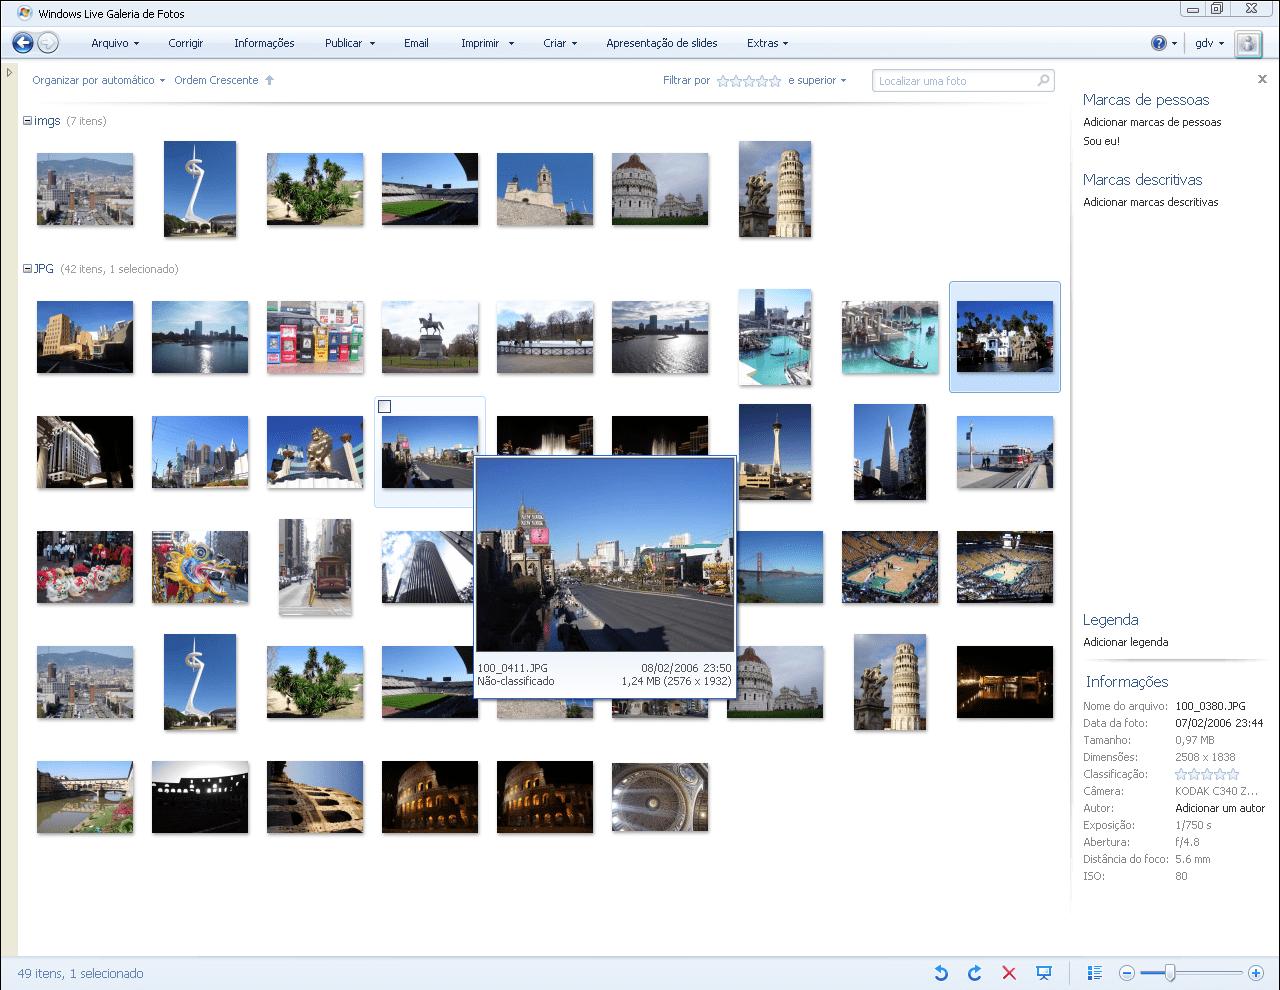 Galeria de Fotos do Windows Live 2012